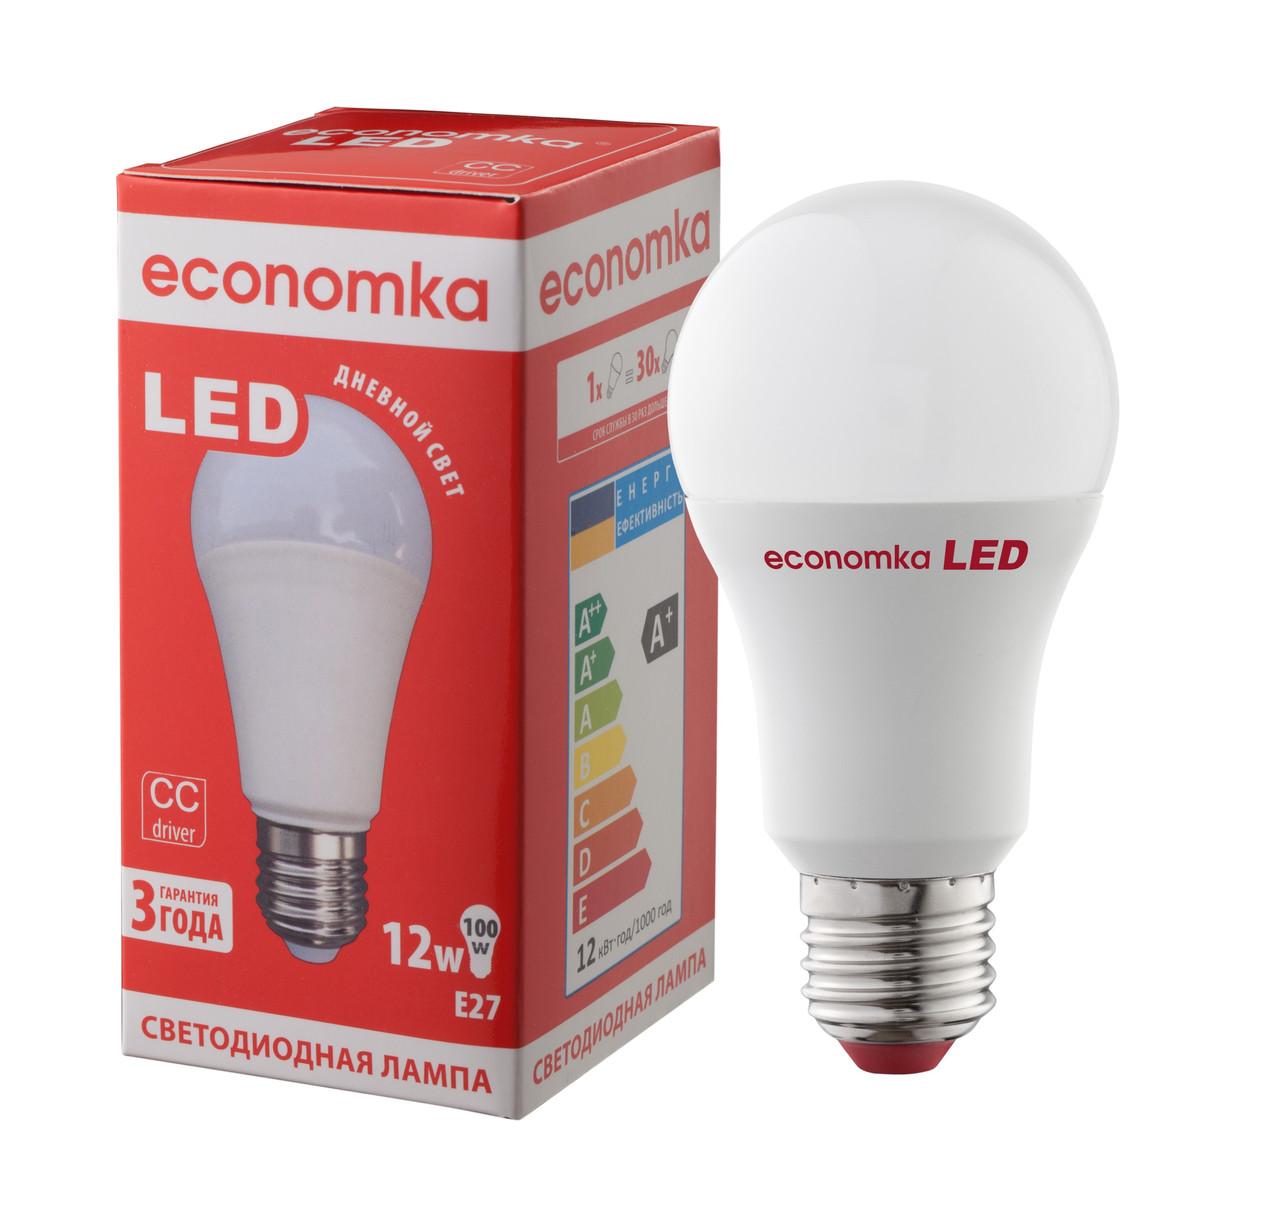 Светодиодная лампа Economka LED 12W Е27-4200К